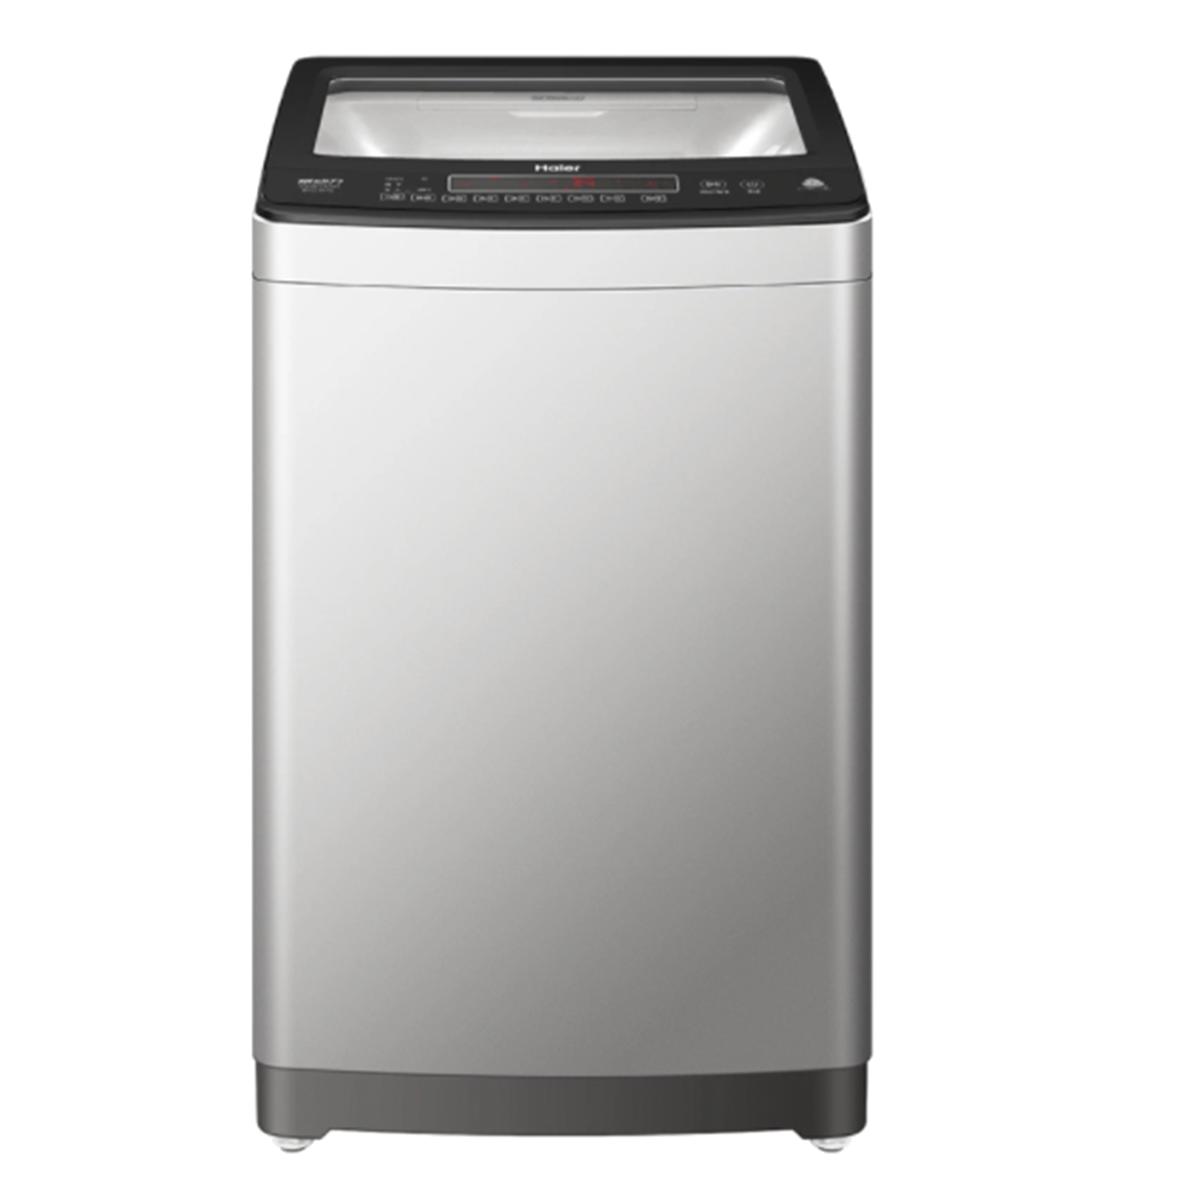 海尔Haier洗衣机 XQB80-F15288 说明书